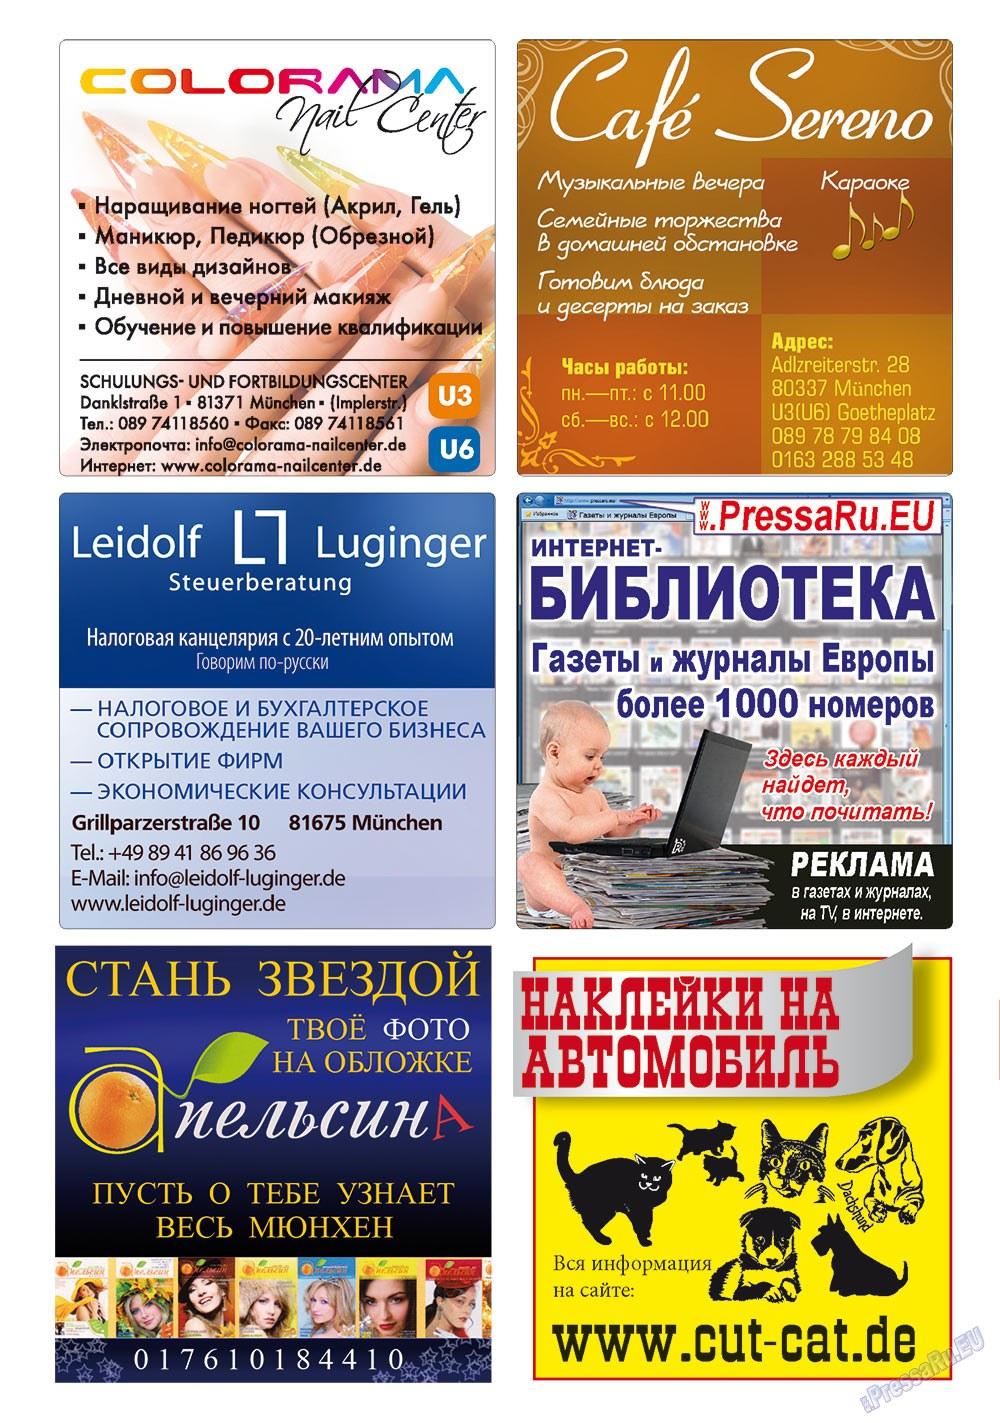 Апельсин (журнал). 2011 год, номер 25, стр. 50